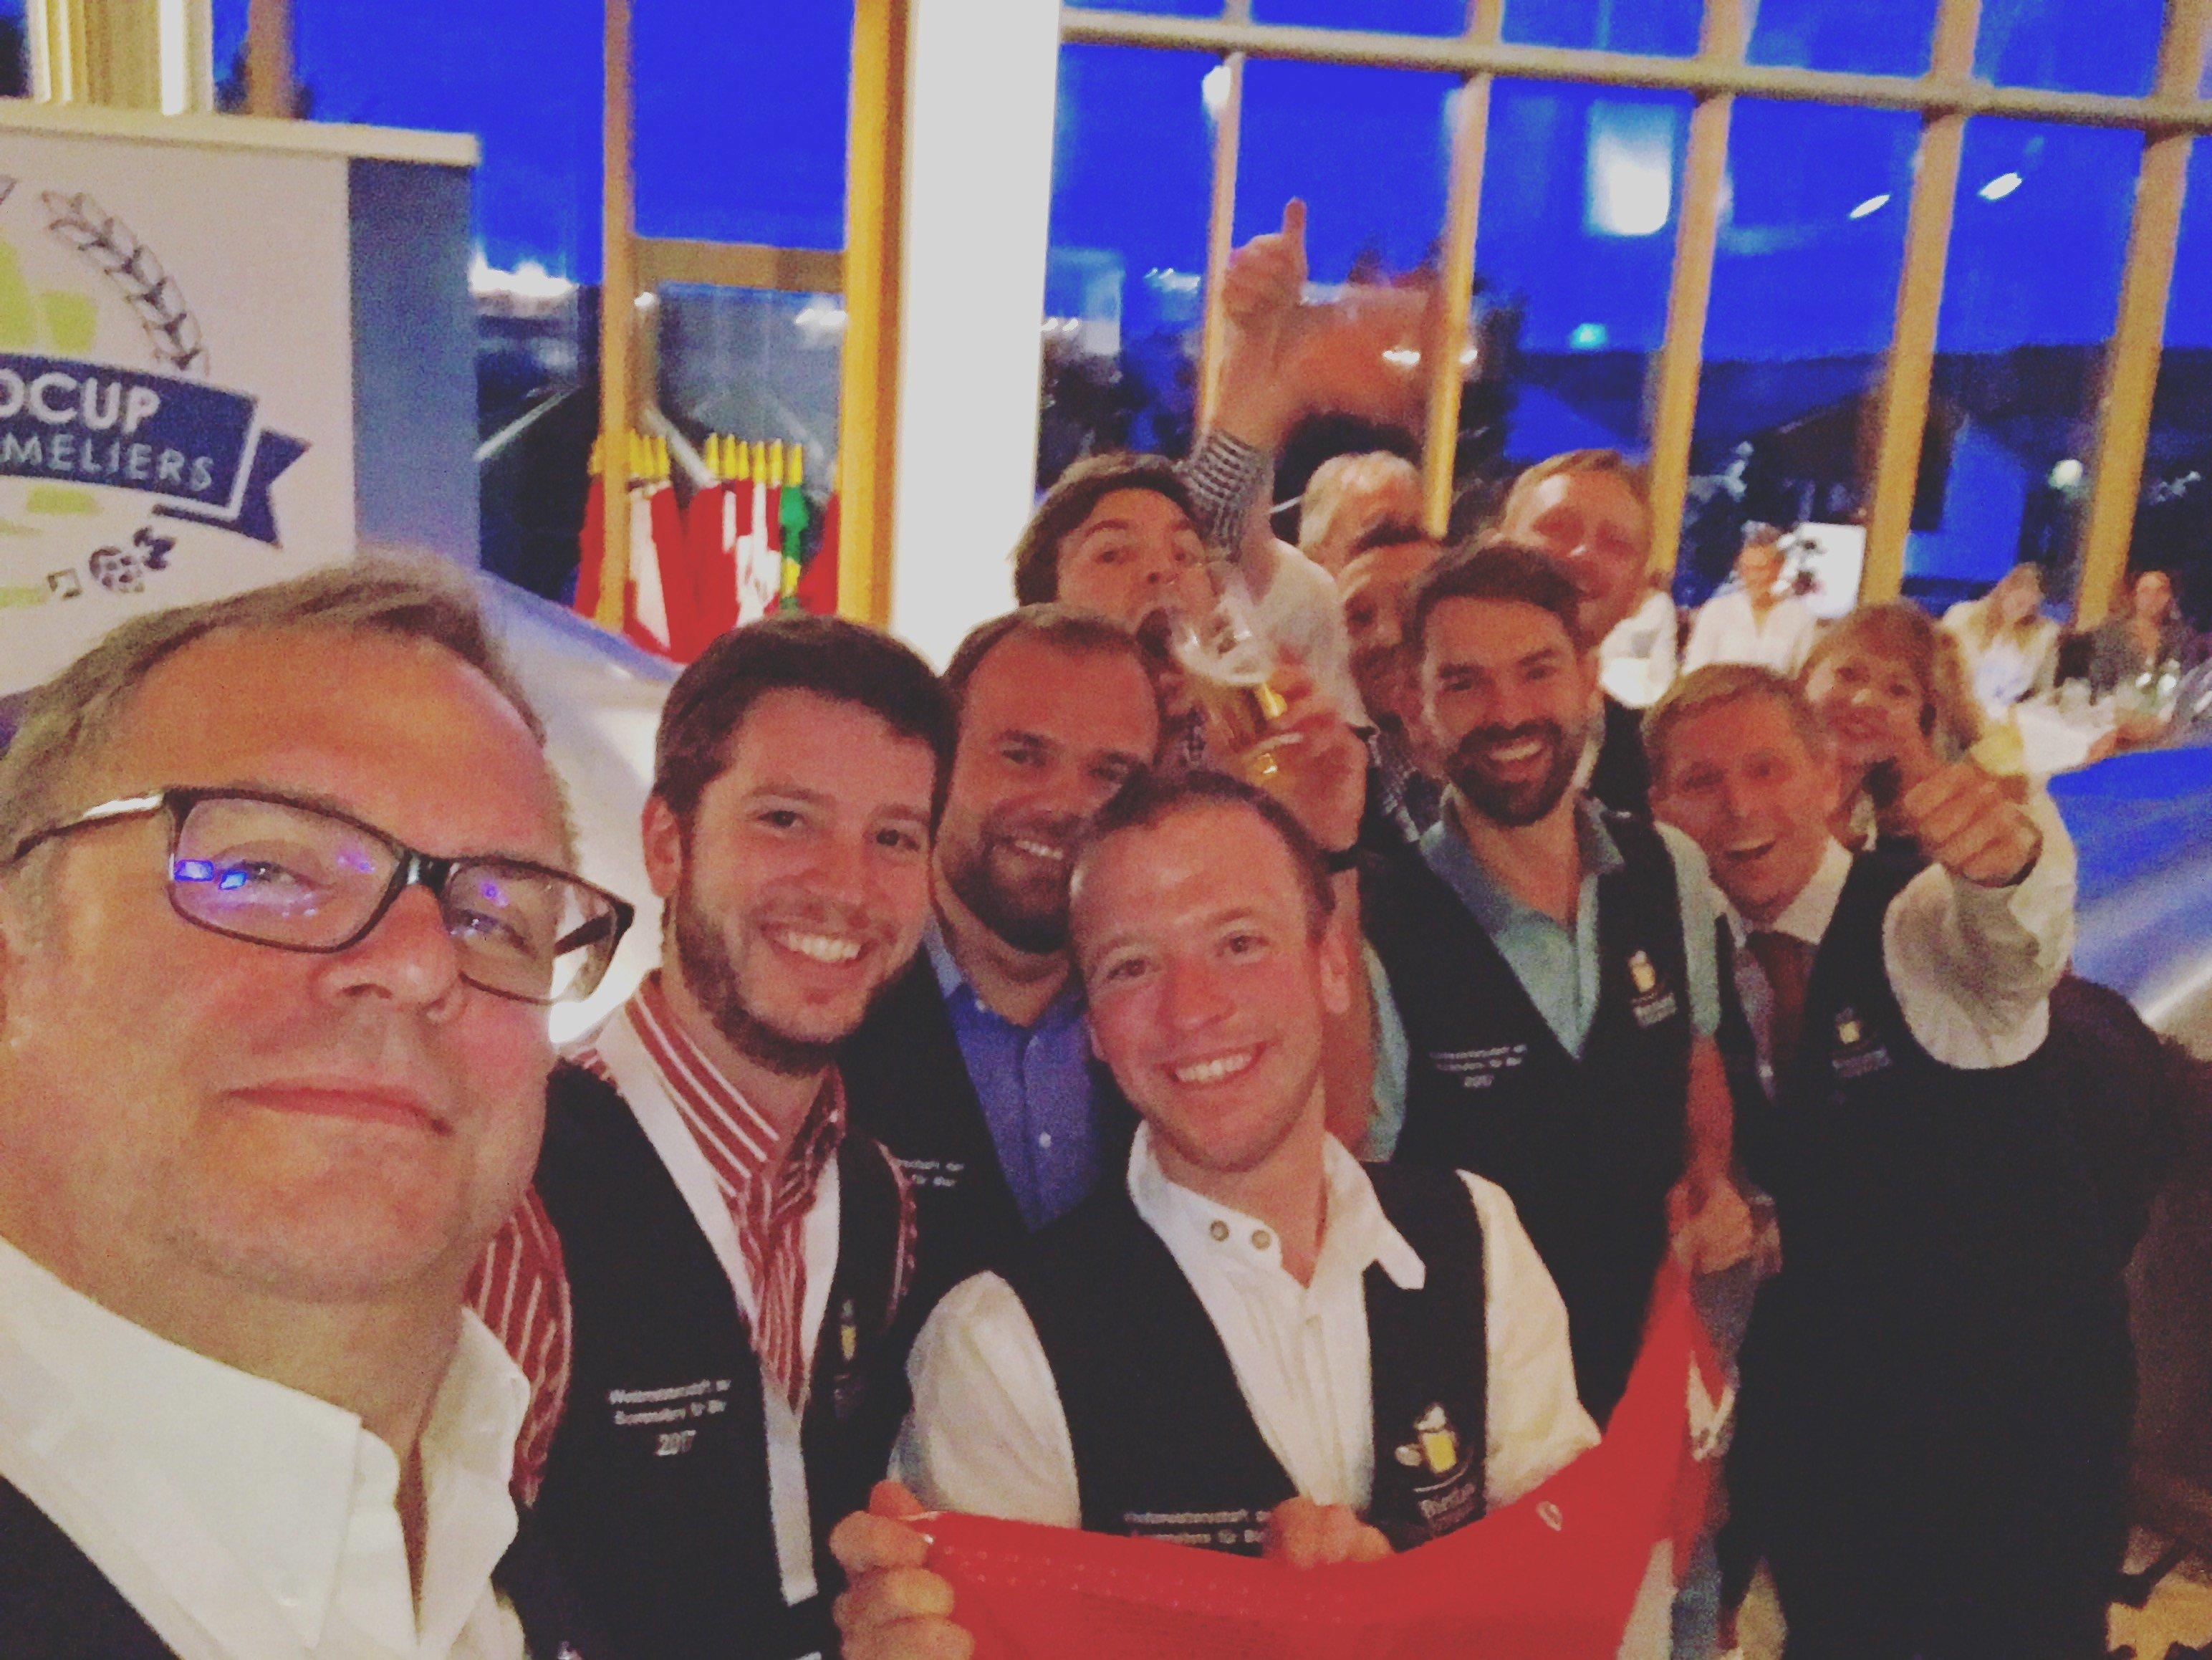 Team Österreich. Voll motiviert!